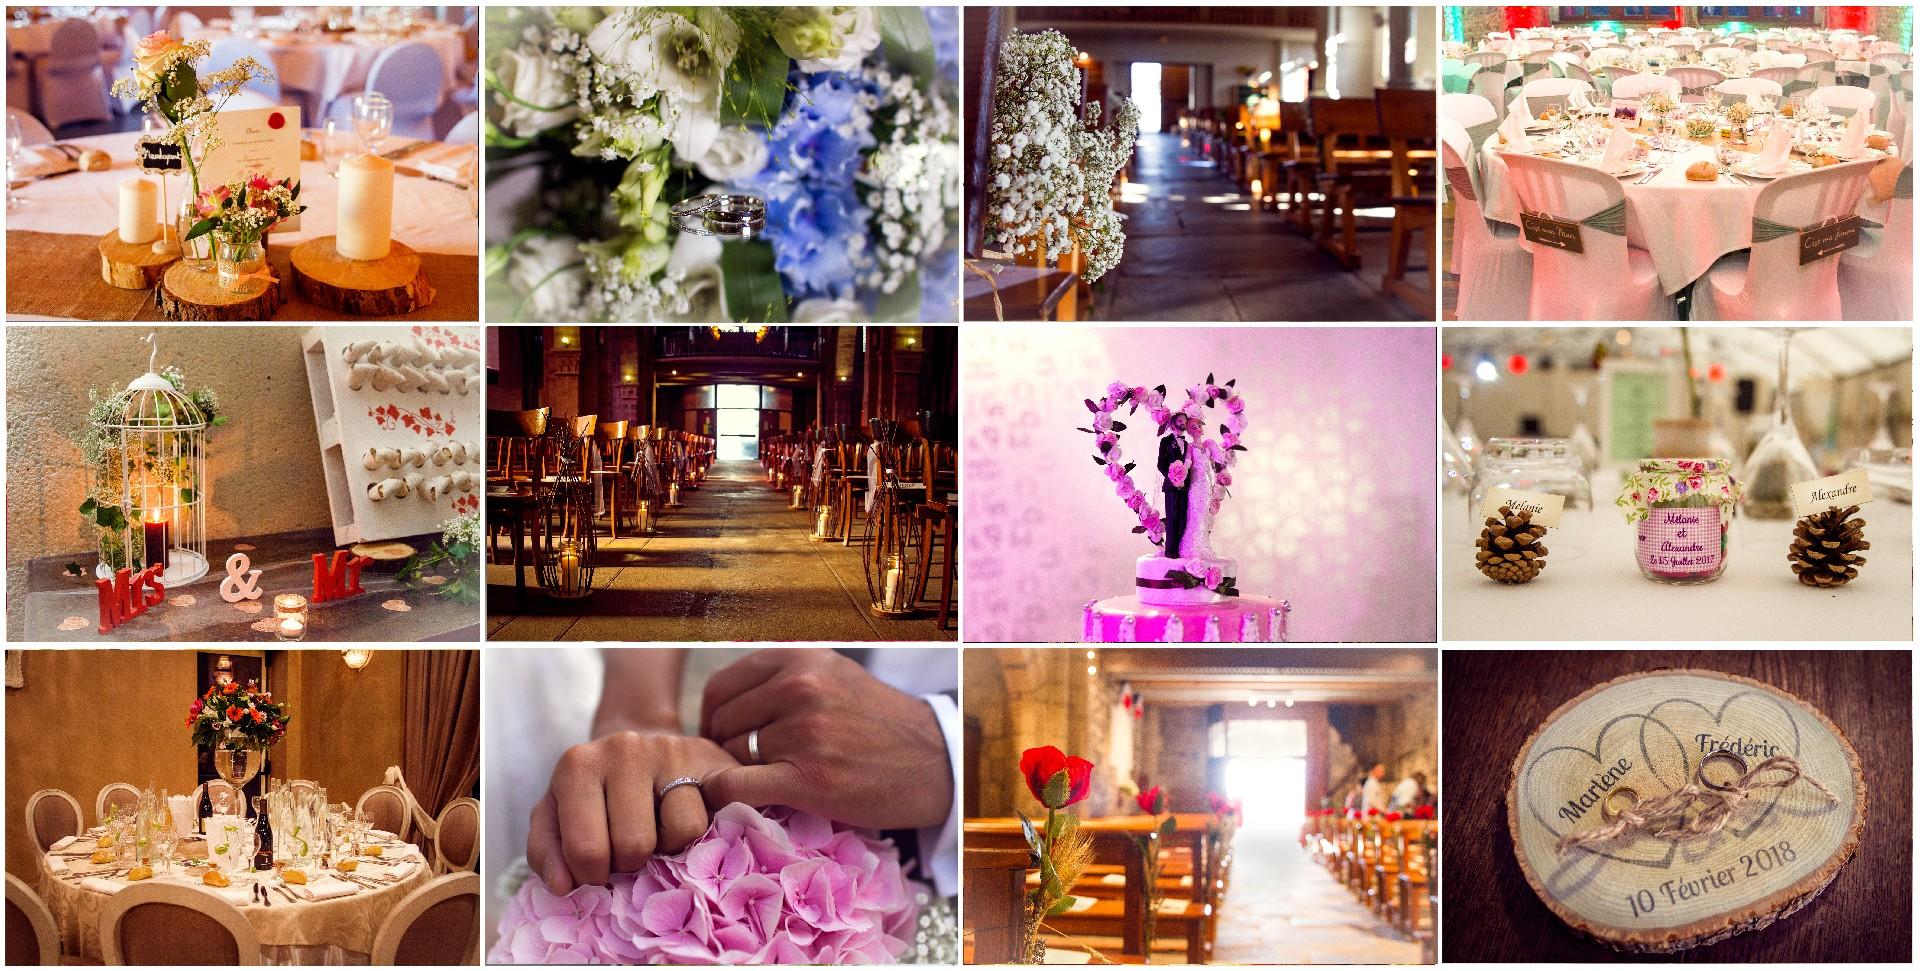 détails, bouquets, église, gâteau, alliances, fleurs, décorations, mariages, Haute-Loire, Auvergne